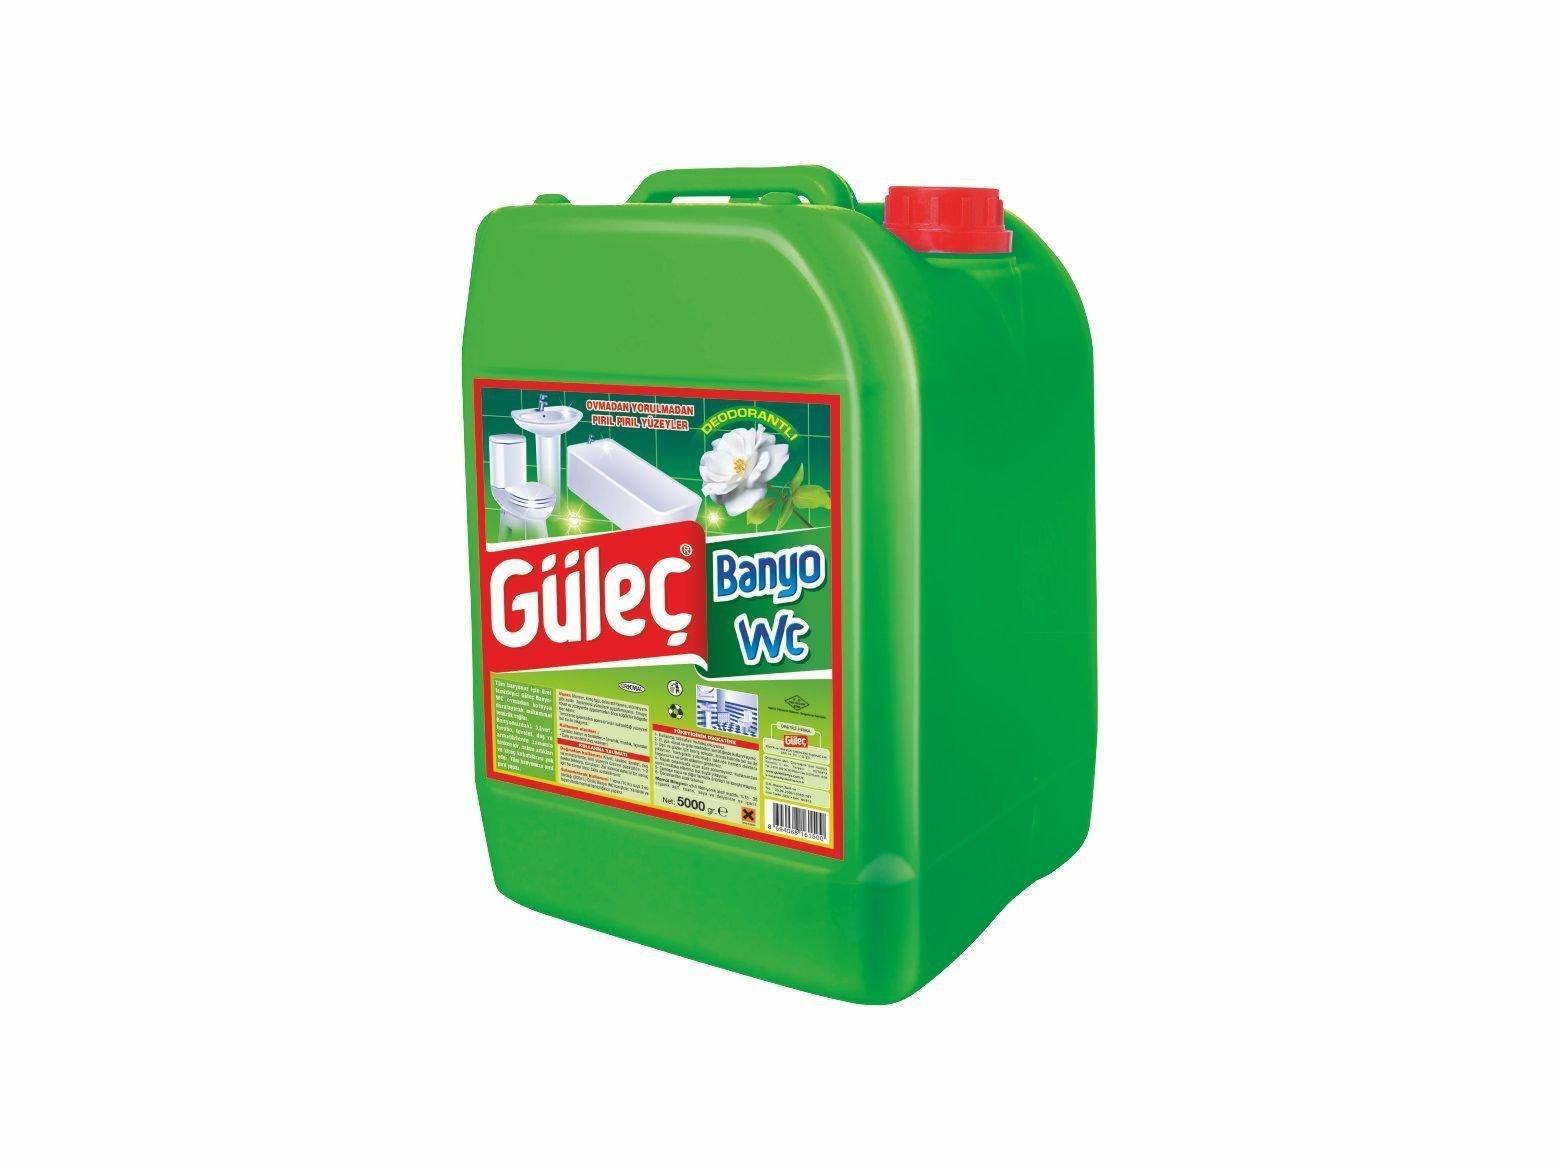 Güleç Banyo-Wc Parlatıcı 5000 ml